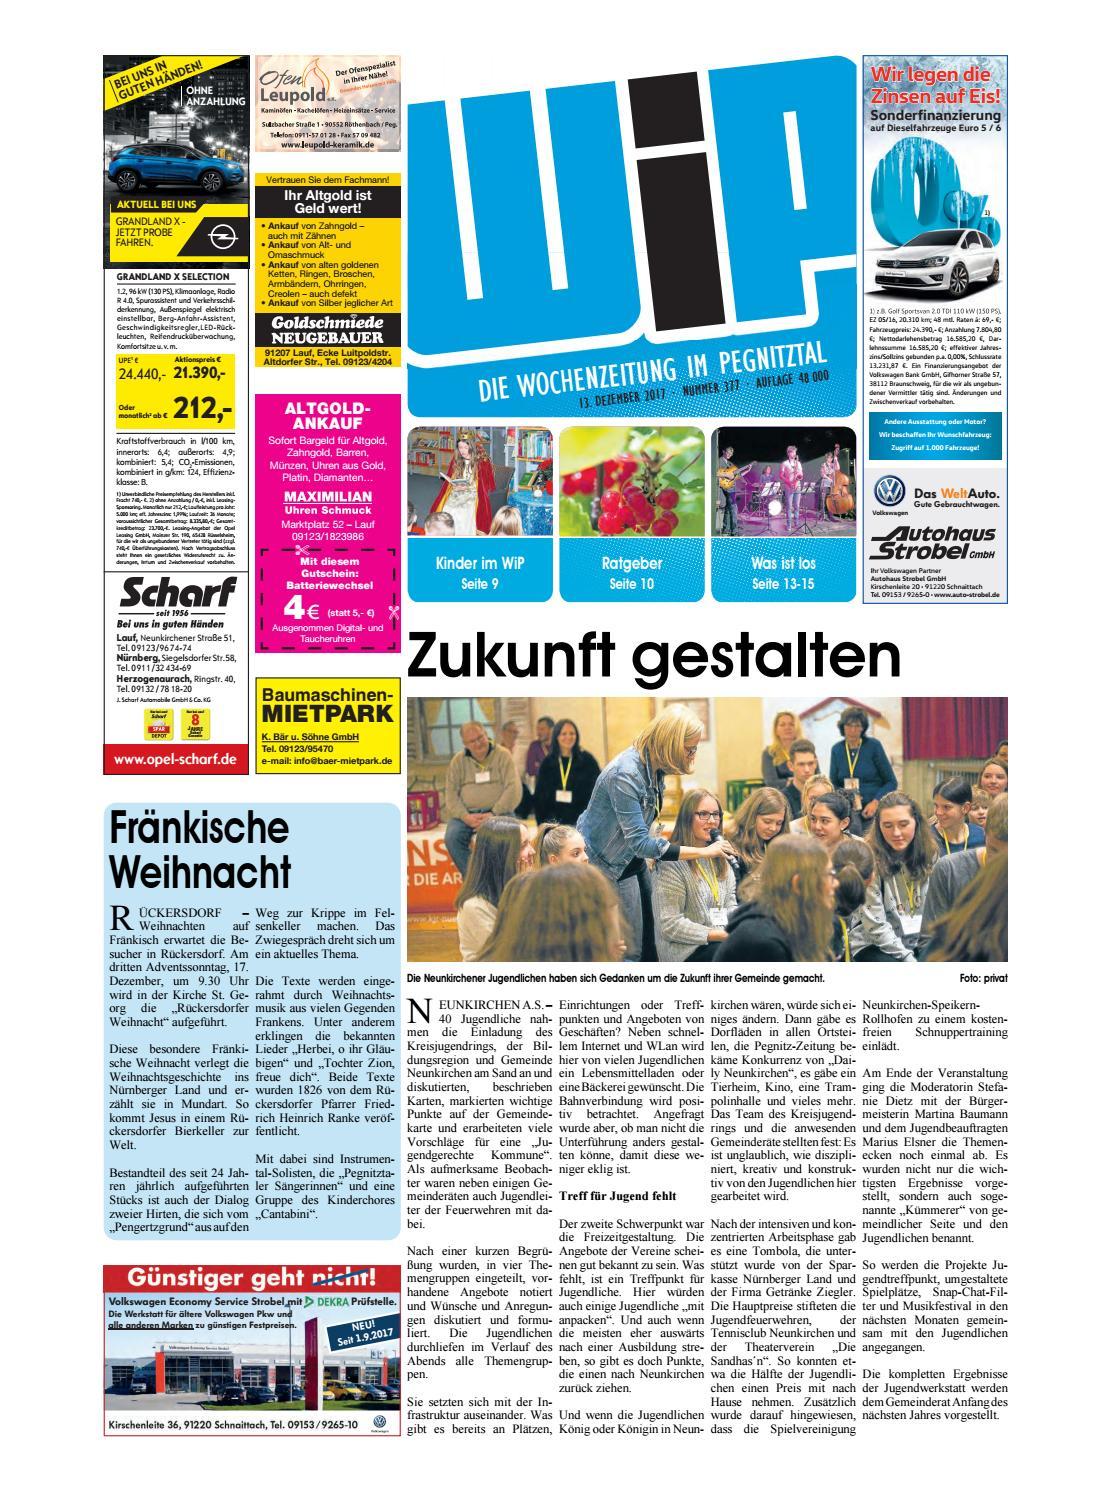 WiP 13.12.2017 by Pfeiffer Medienfabrik GmbH & Co. KG - issuu